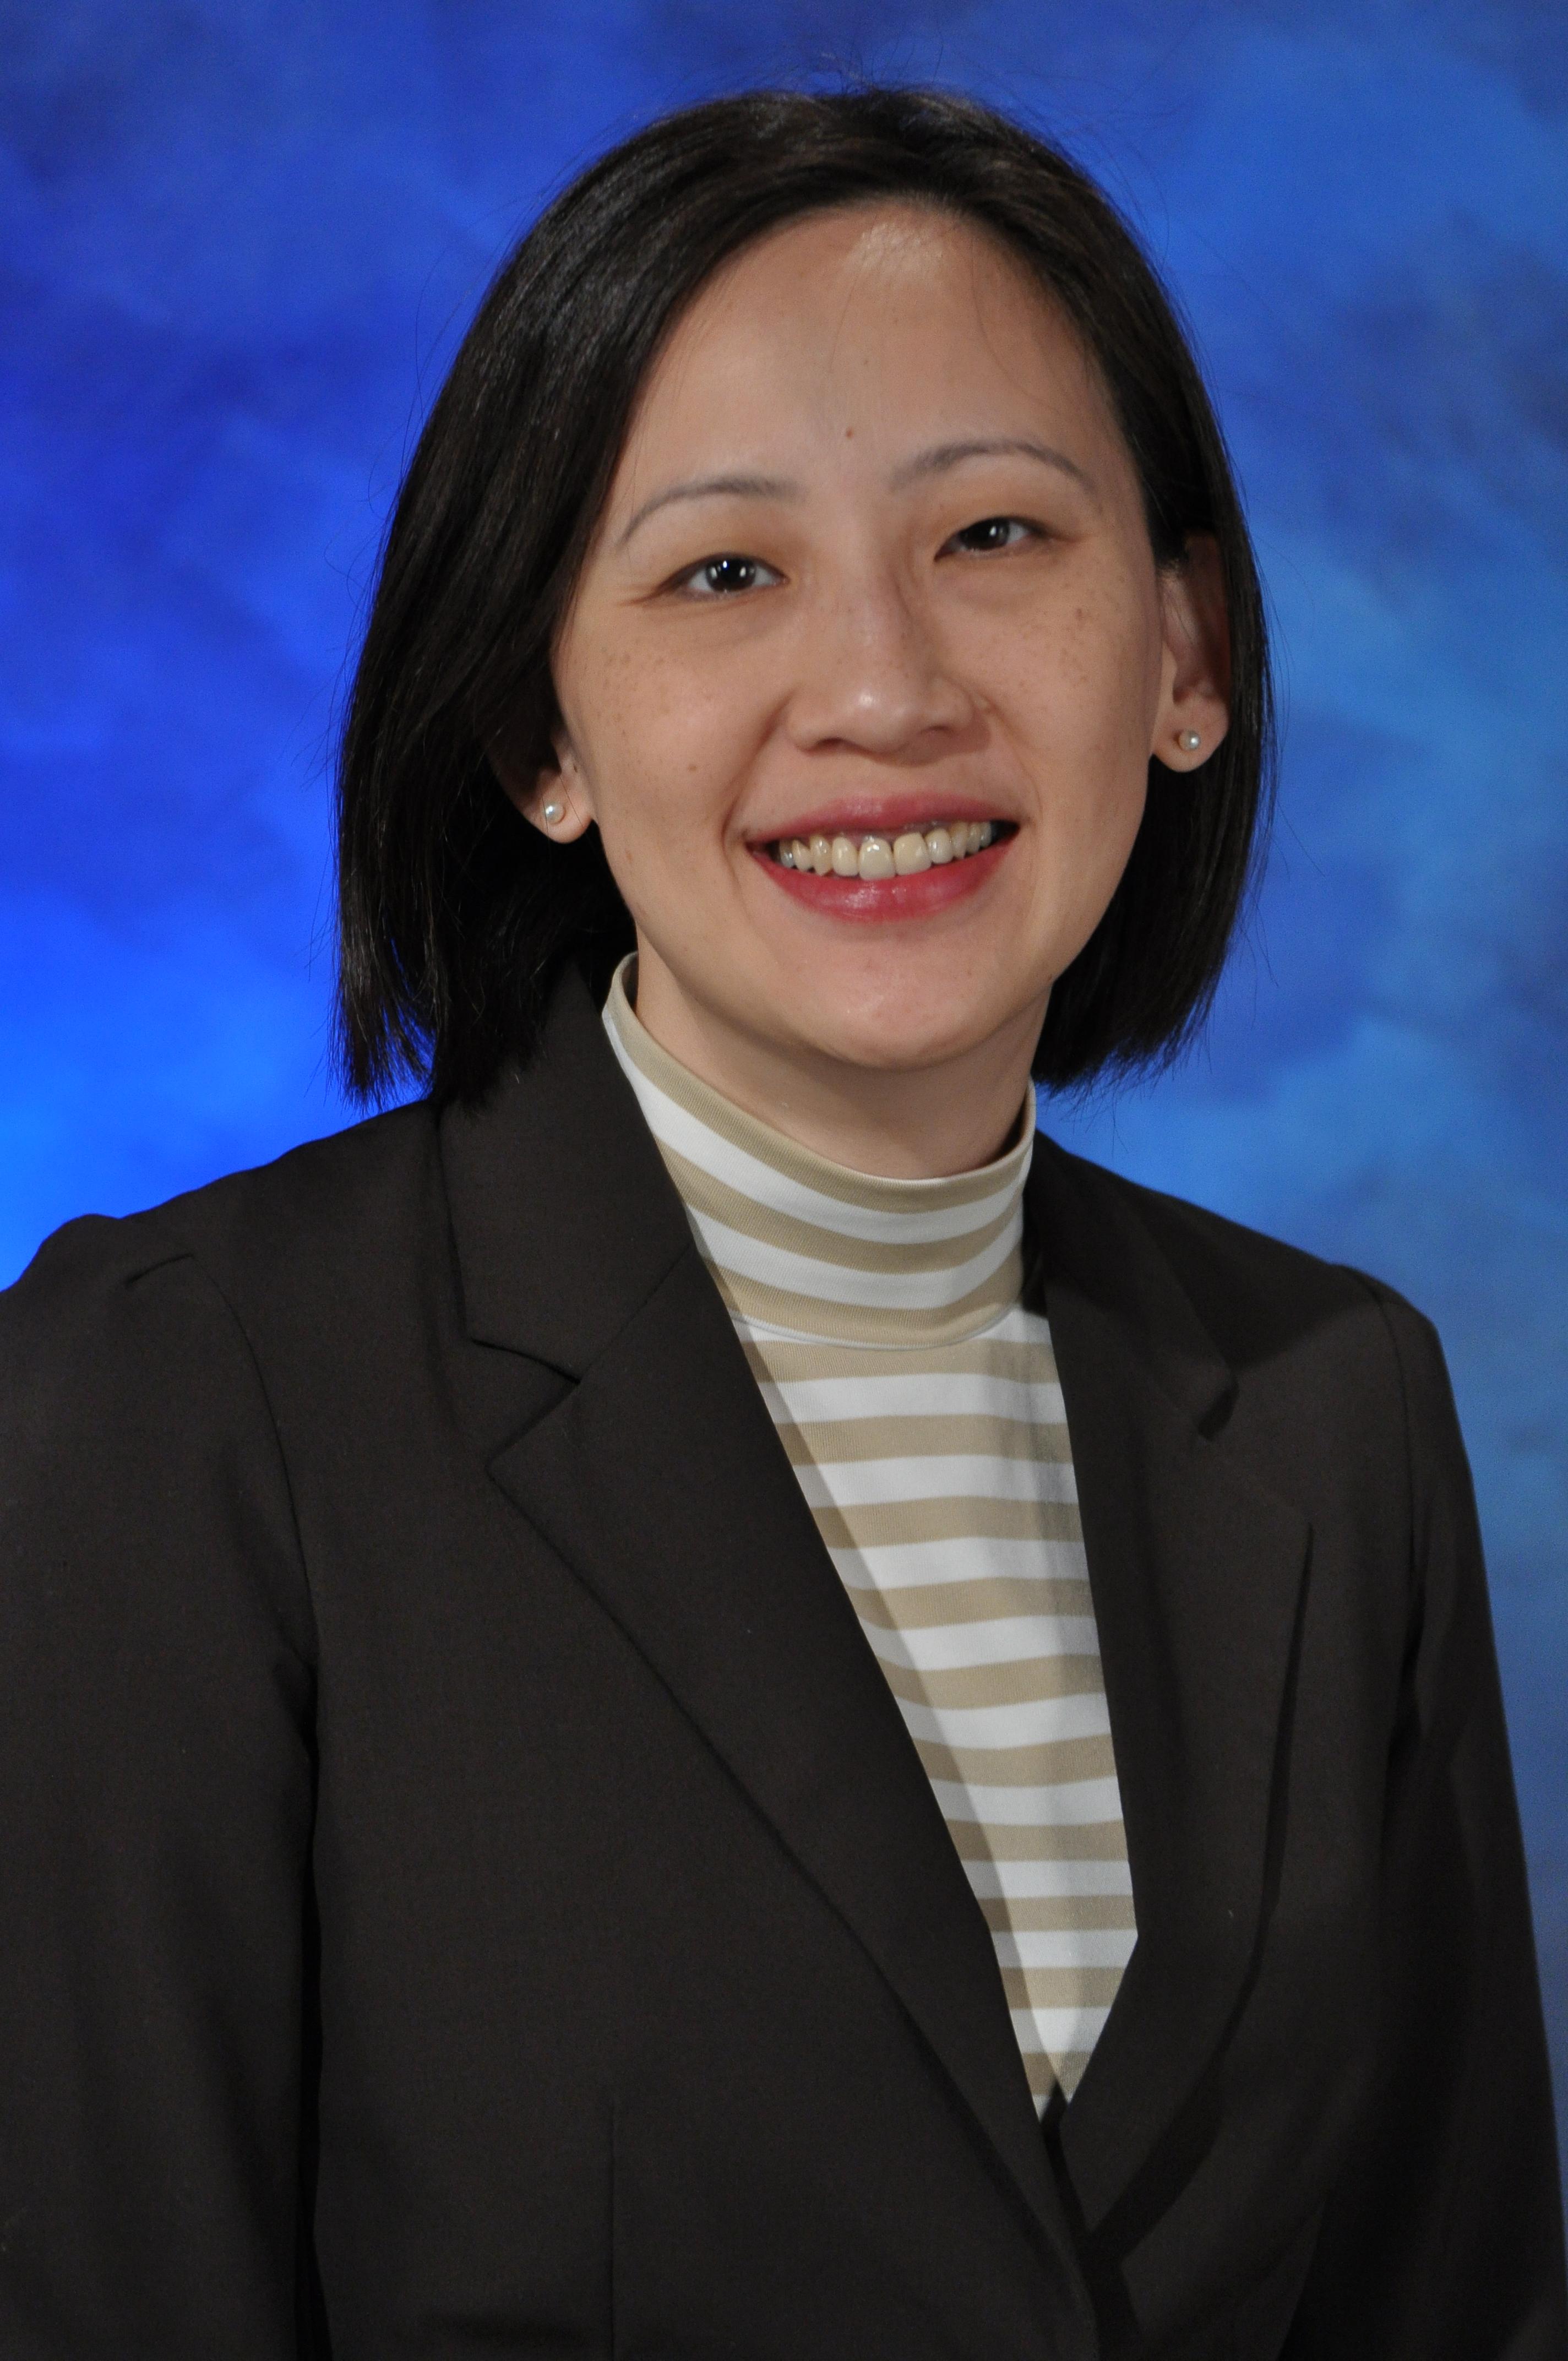 Jennifer Jao